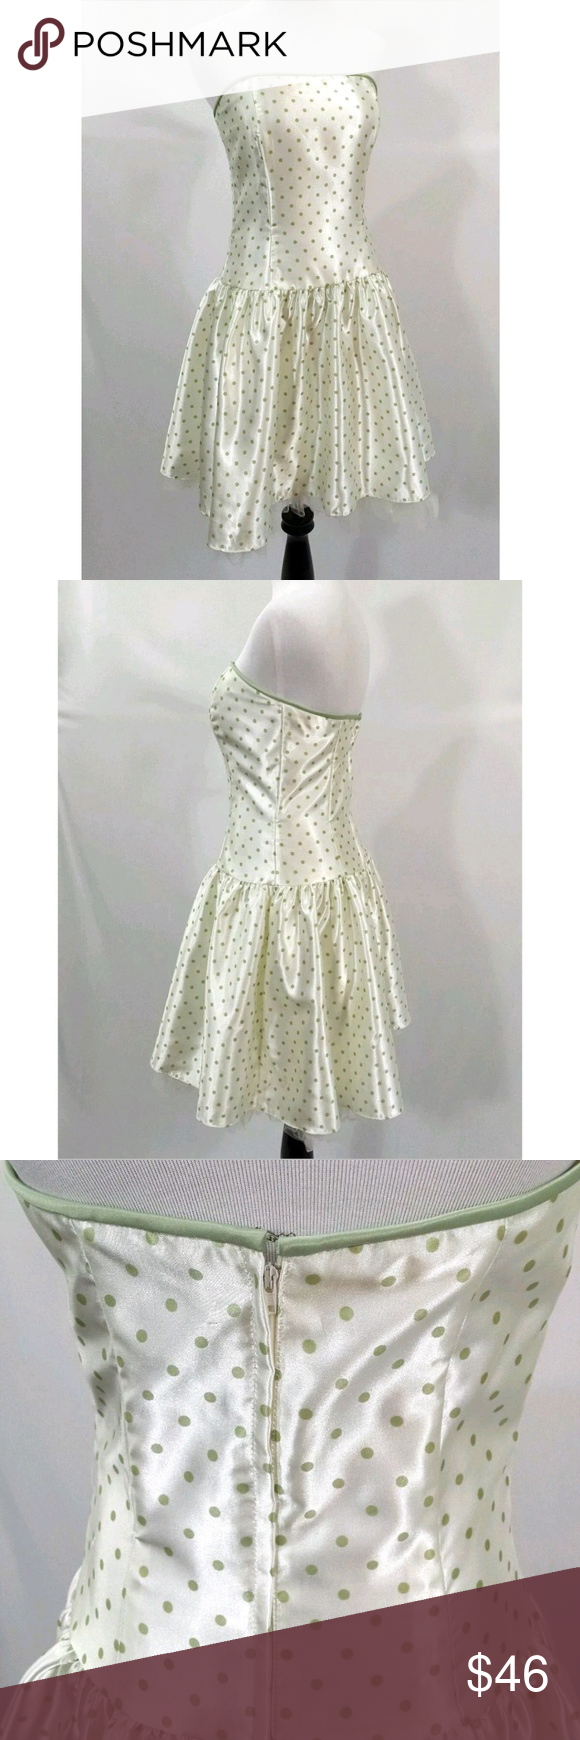 Jessica Mcclintock Gunne Sax 80s Style Prom Dress Vintage Style Prom Dresses Prom Dresses 80s Fashion [ 1740 x 580 Pixel ]